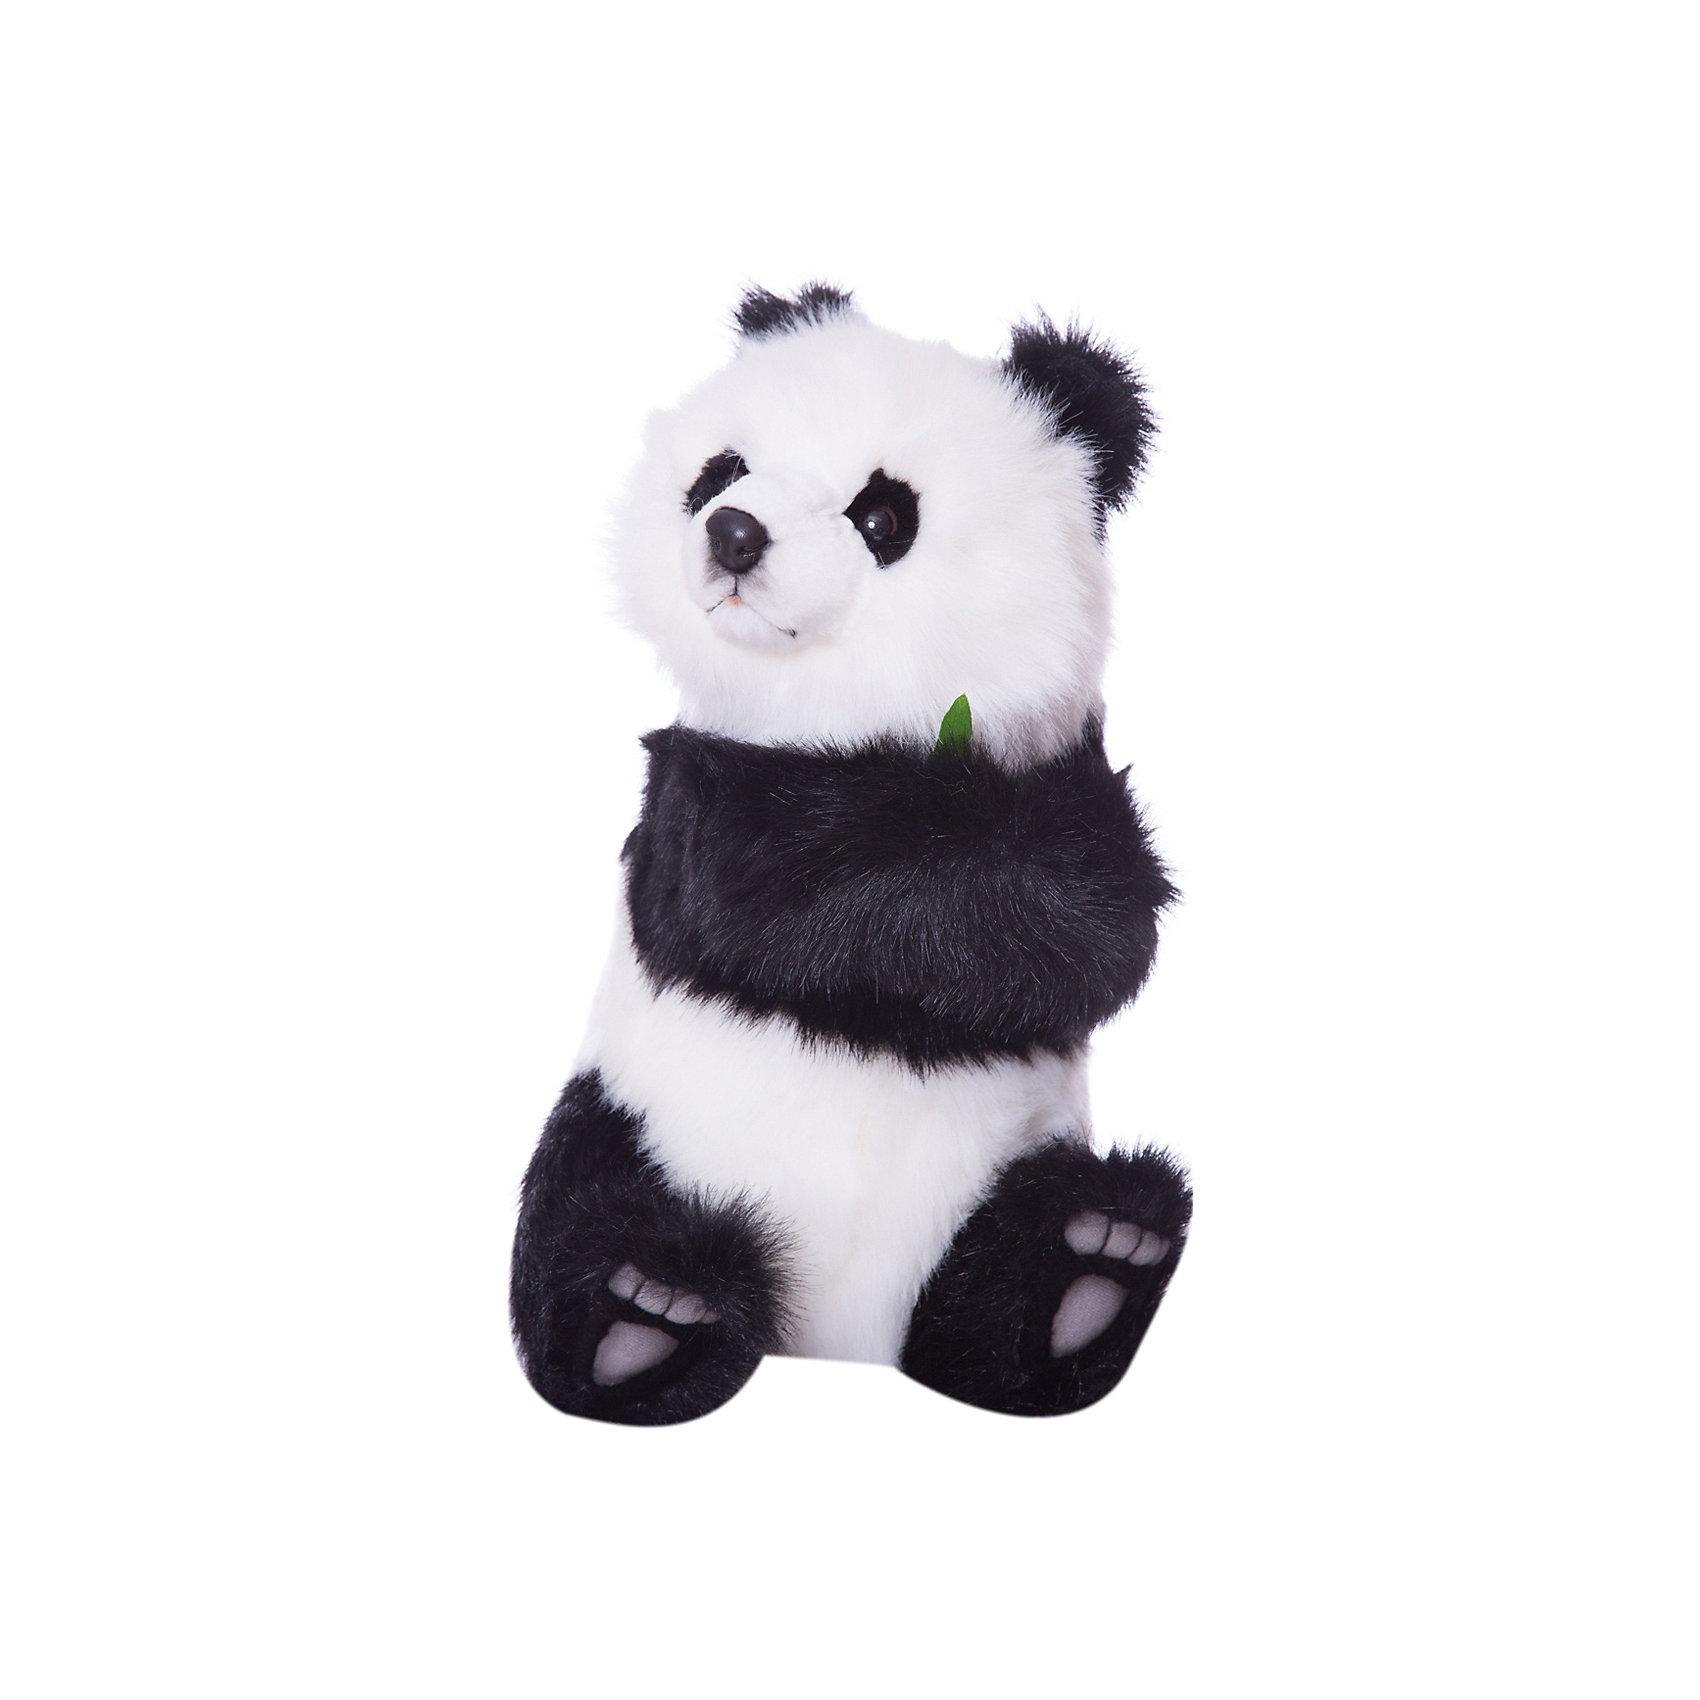 Детеныш панды, сидящий, 41 смЗвери и птицы<br>Детеныш панды,  41 см – игрушка от знаменитого бренда Hansa, специализирующегося на выпуске мягких игрушек с высокой степенью натуралистичности. Внешний вид игрушечной панды полностью соответствует реальному прототипу. Она выполнена из искусственного меха черного и белого цветов с длинным ворсом. В лапках детеныш панды держит веточку любимого лакомства – бамбуковые веточки. Использованные материалы обладают гипоаллергенными свойствами. Внутри игрушки имеется металлический каркас, позволяющий изменять положение. <br>Игрушка относится к серии Дикие животные. <br>Мягкие игрушки от Hansa подходят для сюжетно-ролевых игр, для обучающих игр, направленных на знакомство с животным миром дикой природы. Кроме того, их можно использовать в качестве интерьерных игрушек. Коллекция из нескольких игрушек позволяет создать свой домашний зоопарк, который будет радовать вашего ребенка долгое время, так как ручная работа и качественные материалы гарантируют их долговечность и прочность.<br><br>Дополнительная информация:<br><br>- Вид игр: сюжетно-ролевые игры, коллекционирование, интерьерные игрушки<br>- Предназначение: для дома, для детских развивающих центров, для детских садов<br>- Материал: искусственный мех, наполнитель ? полиэфирное волокно<br>- Размер (ДхШхВ): 41*27*30 см<br>- Вес: 1 кг 270 г<br>- Особенности ухода: сухая чистка при помощи пылесоса или щетки для одежды<br><br>Подробнее:<br><br>• Для детей в возрасте: от 3 лет <br>• Страна производитель: Филиппины<br>• Торговый бренд: Hansa<br><br>Детеныша панды,  41 см можно купить в нашем интернет-магазине.<br><br>Ширина мм: 41<br>Глубина мм: 27<br>Высота мм: 30<br>Вес г: 1270<br>Возраст от месяцев: 36<br>Возраст до месяцев: 2147483647<br>Пол: Унисекс<br>Возраст: Детский<br>SKU: 4927181